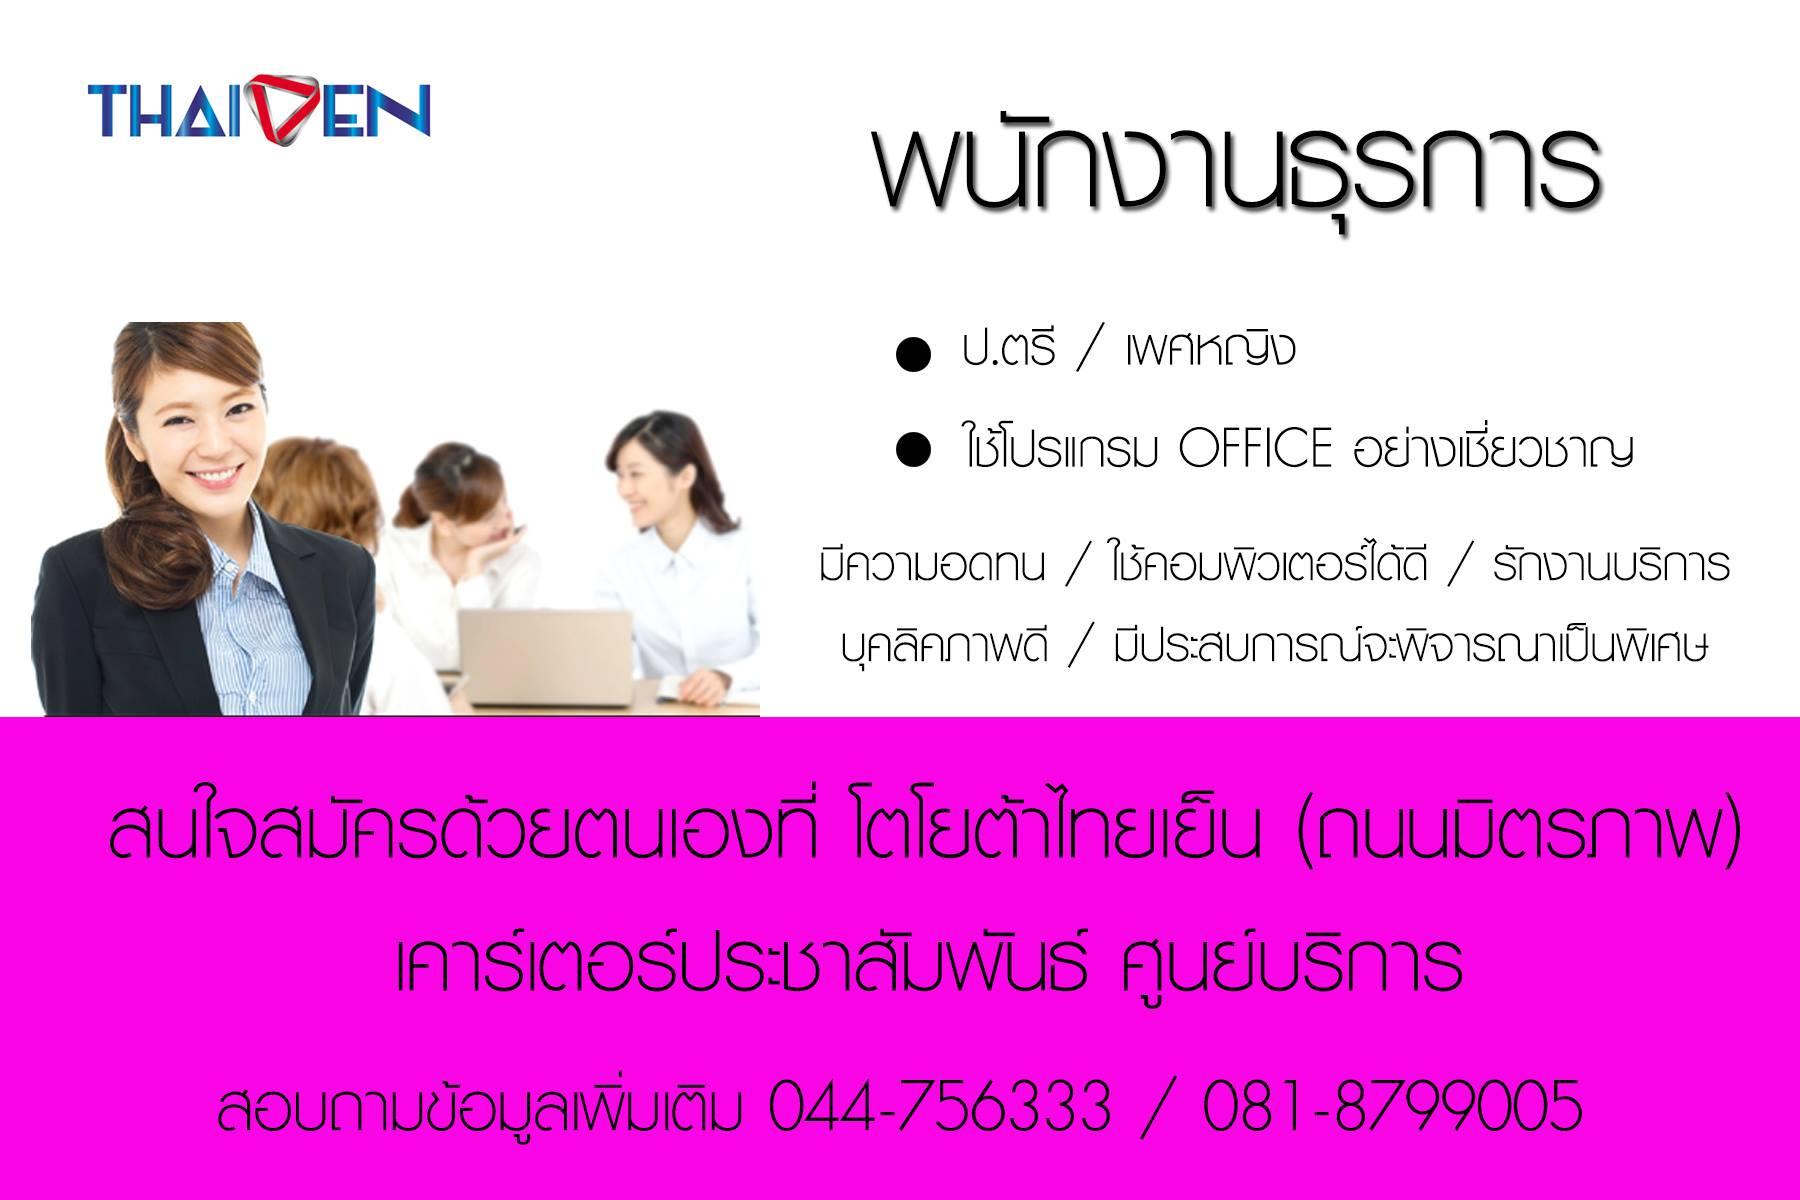 โตโยต้าไทยเย็น รับพนักงานธุรการ